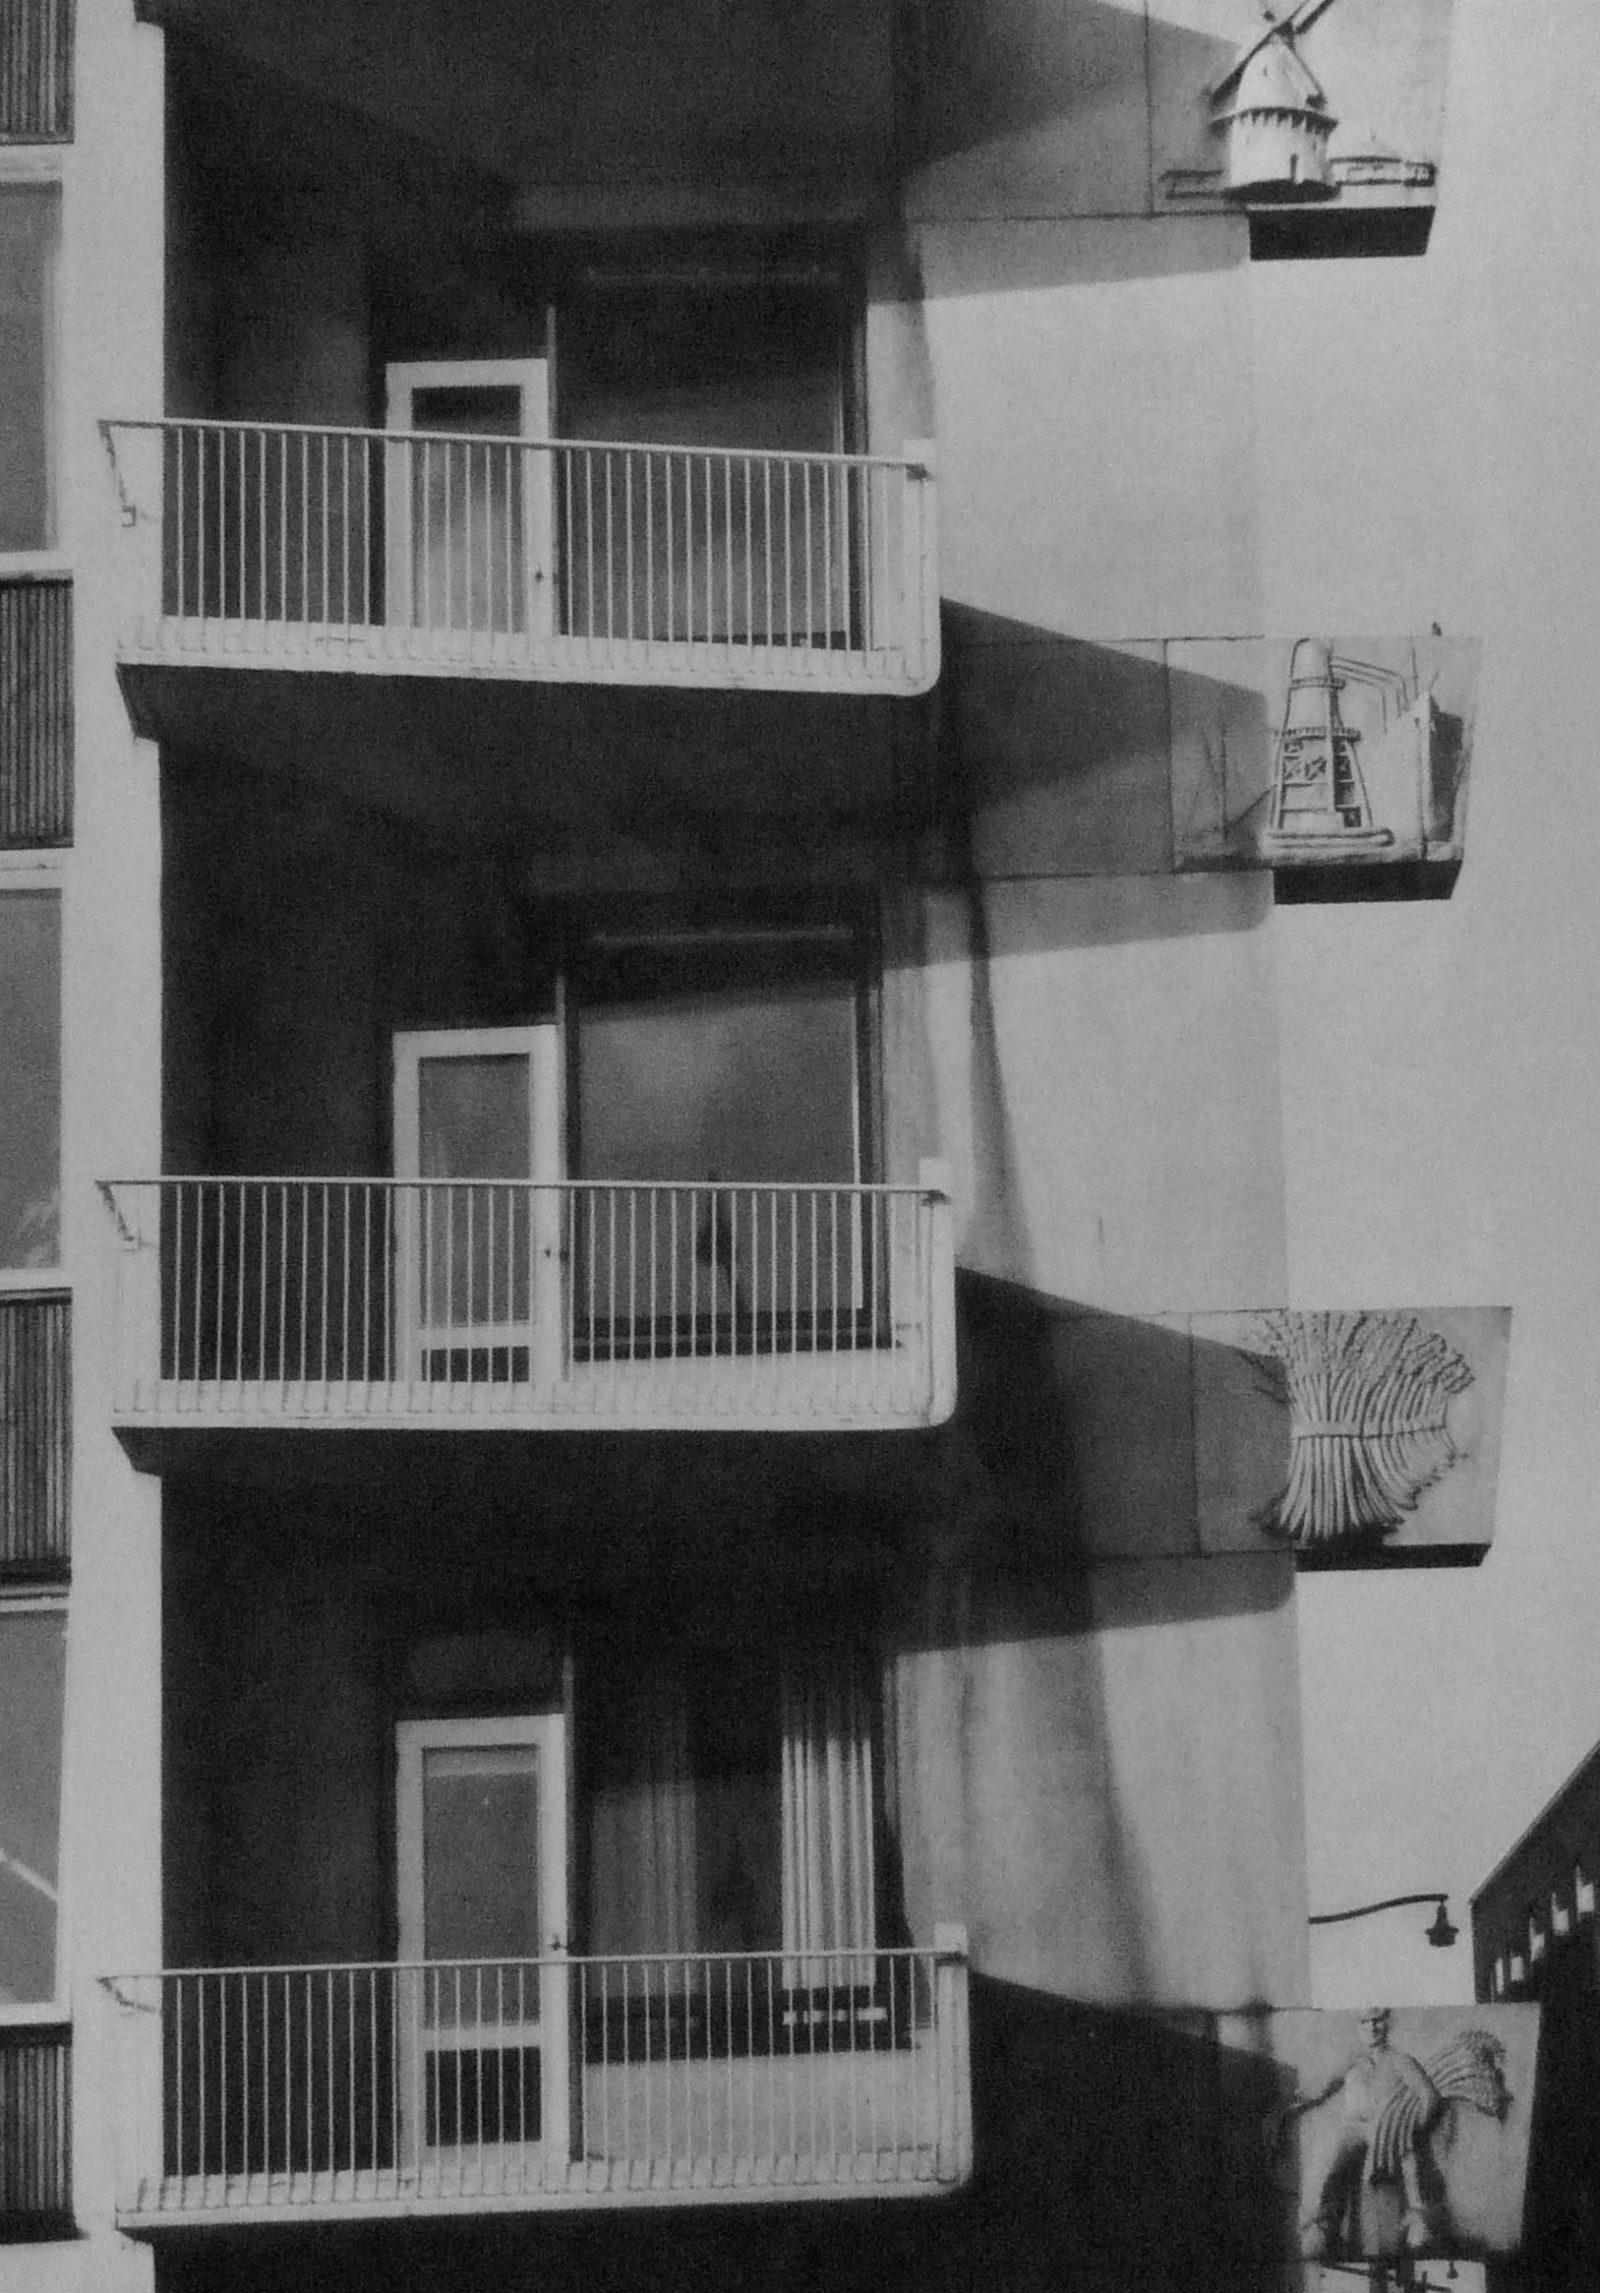 Graanhuis 1957 XIV 271 03 02 01 wijnhaven